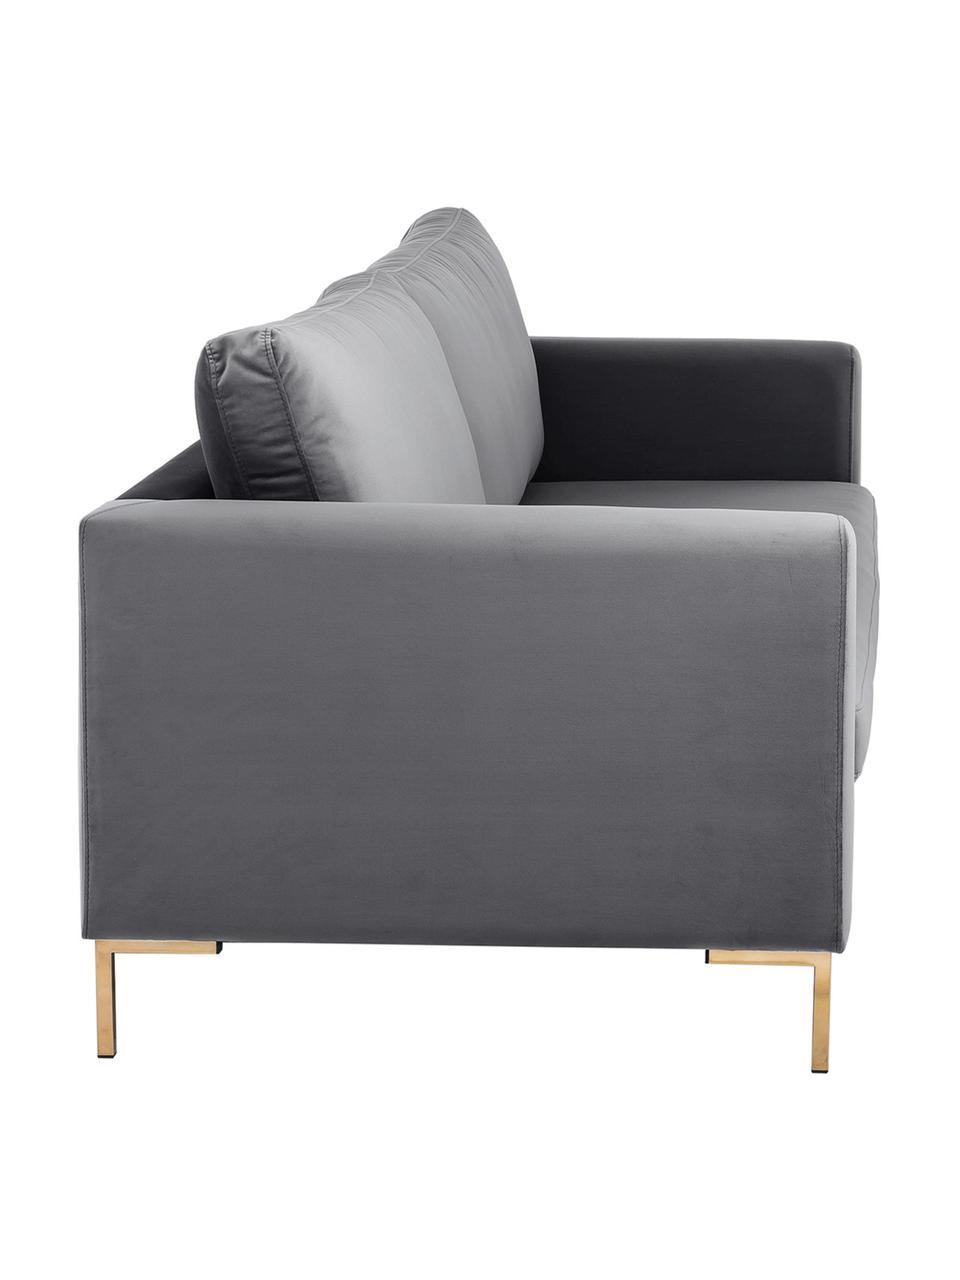 Samt-Sofa Luna (3-Sitzer) in Dunkelgrau mit Metall-Füßen, Bezug: Samt (Polyester) Der hoch, Gestell: Massives Buchenholz, Füße: Metall, galvanisiert, Samt Dunkelgrau, Gold, B 230 x T 95 cm